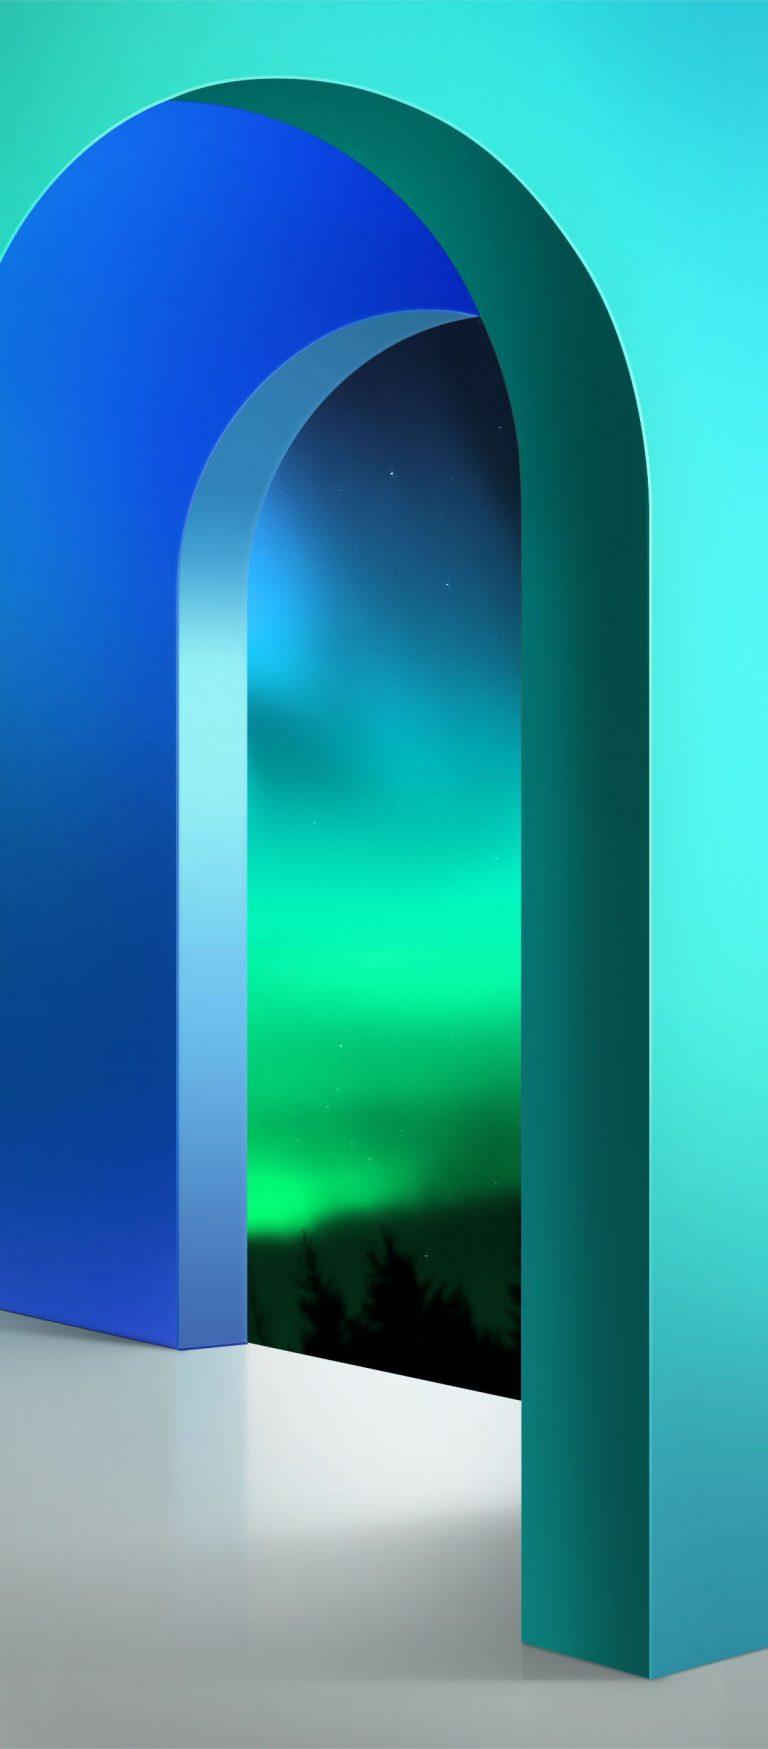 LG Velvet Stock Wallpaper [1080x2460] - 02